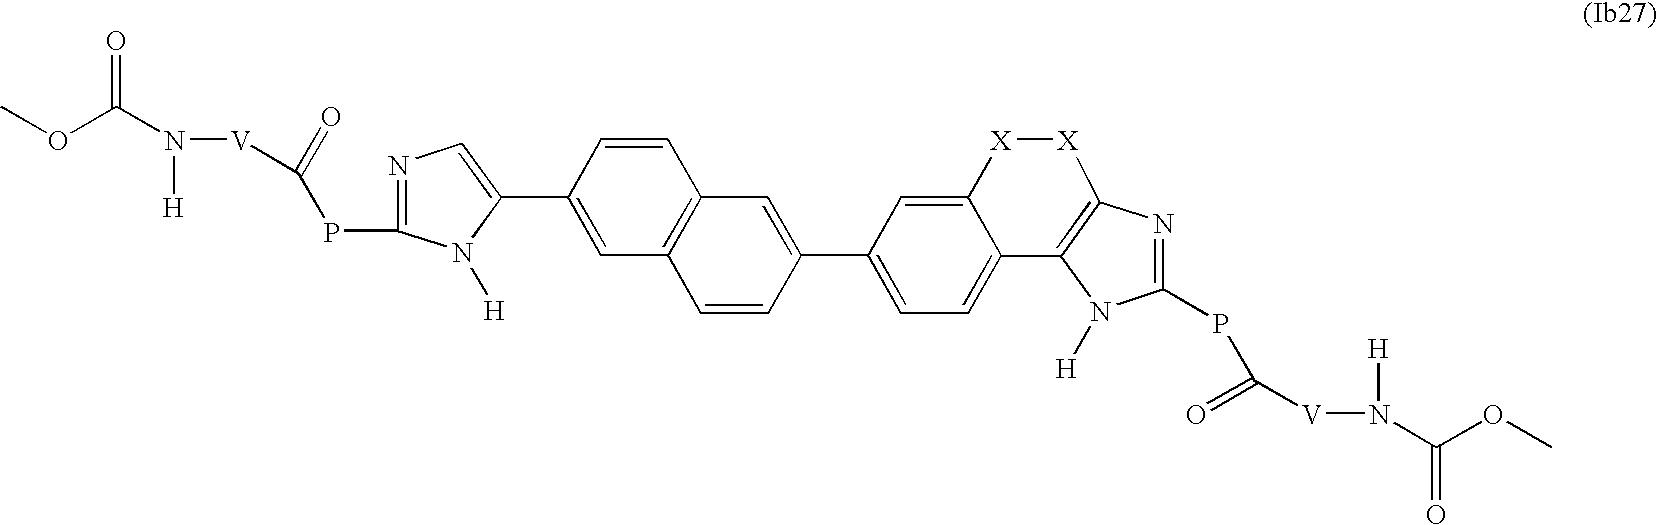 Figure US08088368-20120103-C00382